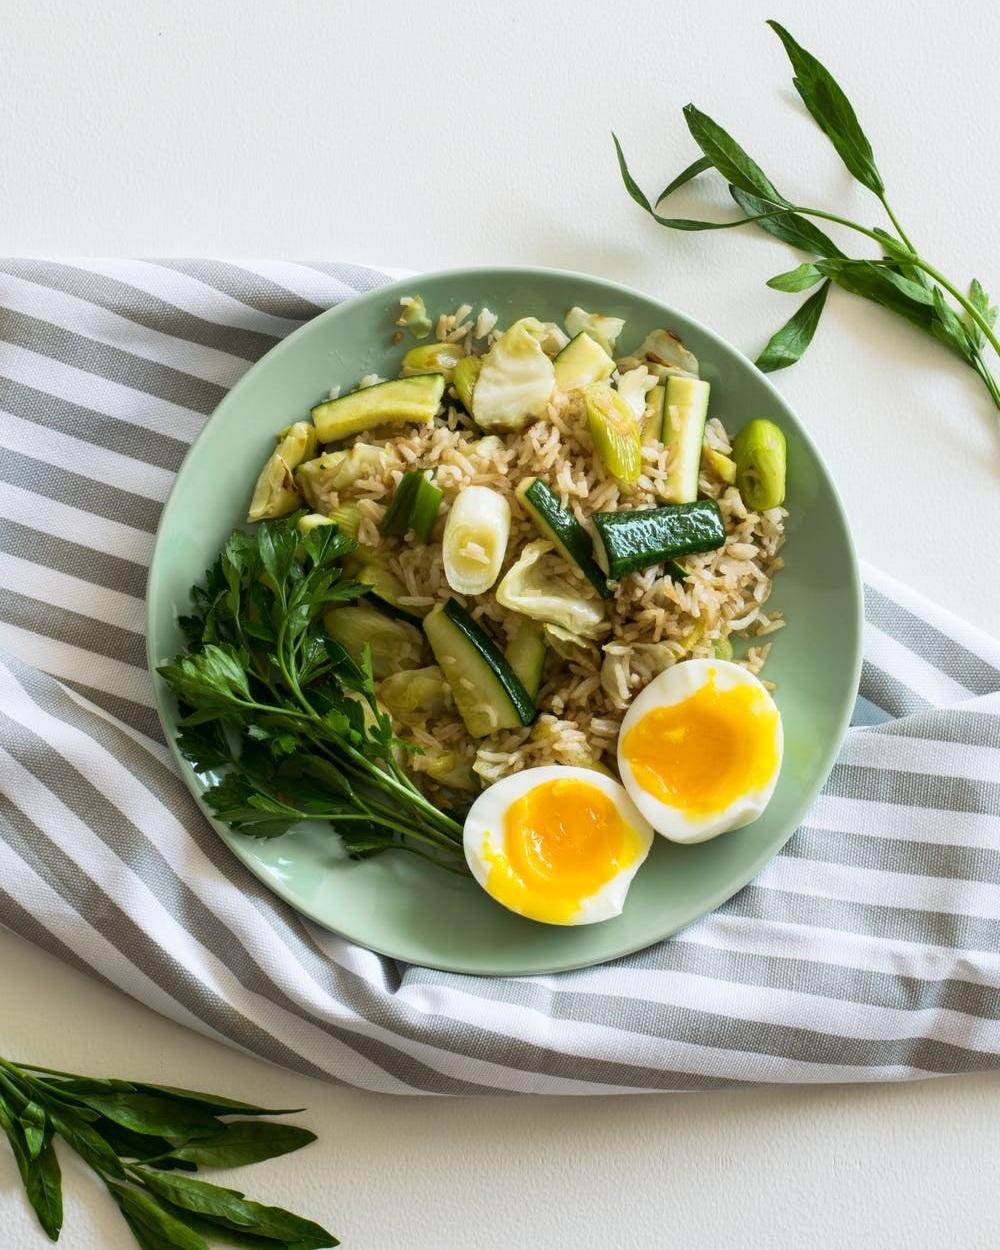 veggie+and+egg+bowl+2019.jpg